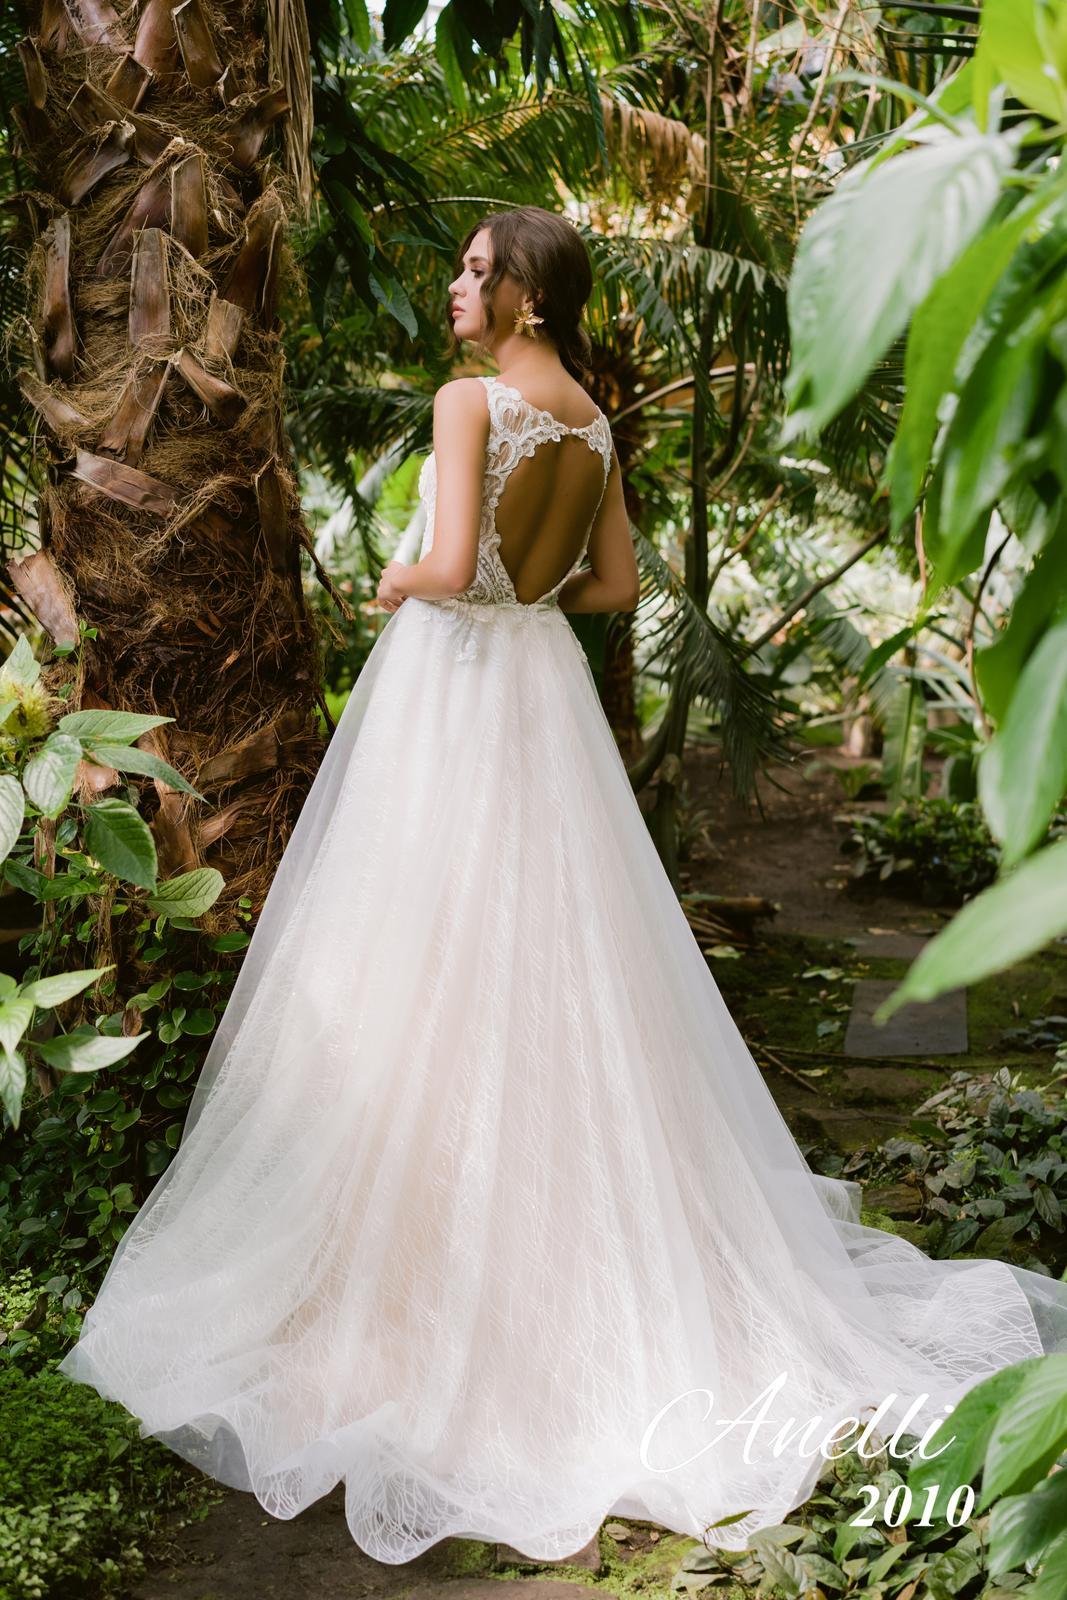 Svadobné šaty - Breeze 2010 - Obrázok č. 3